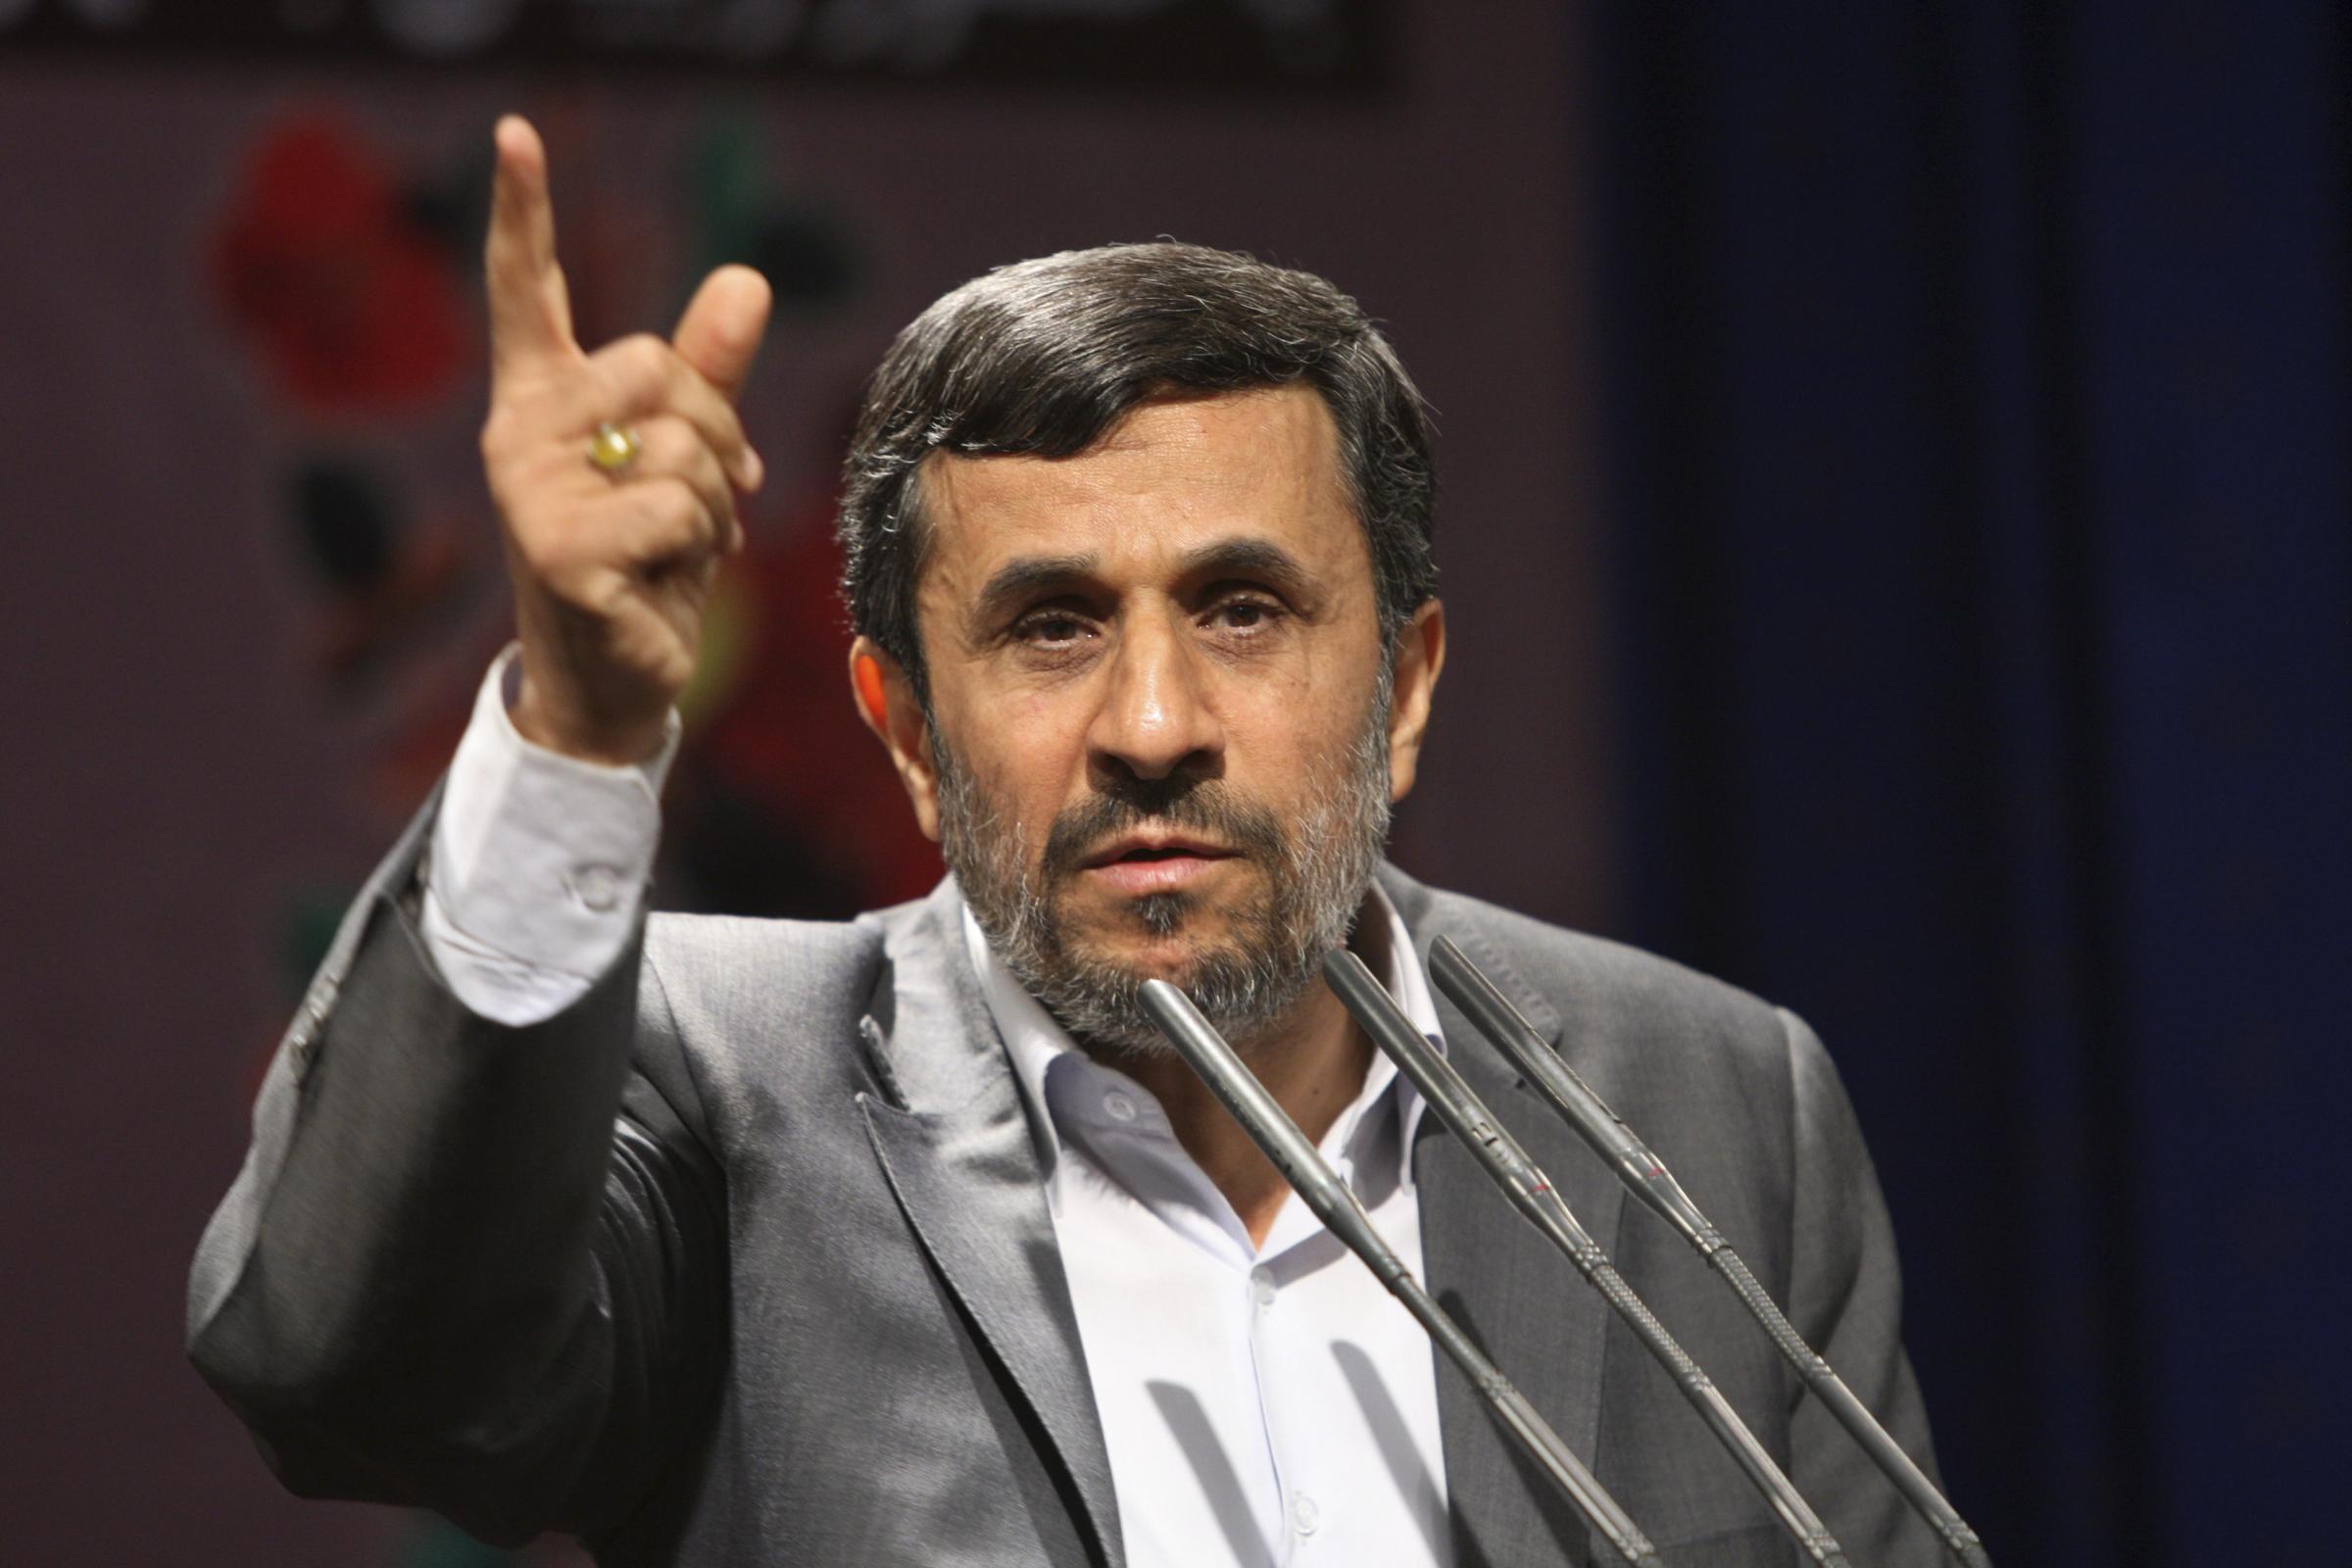 presidente iraniano Ahmadinejad